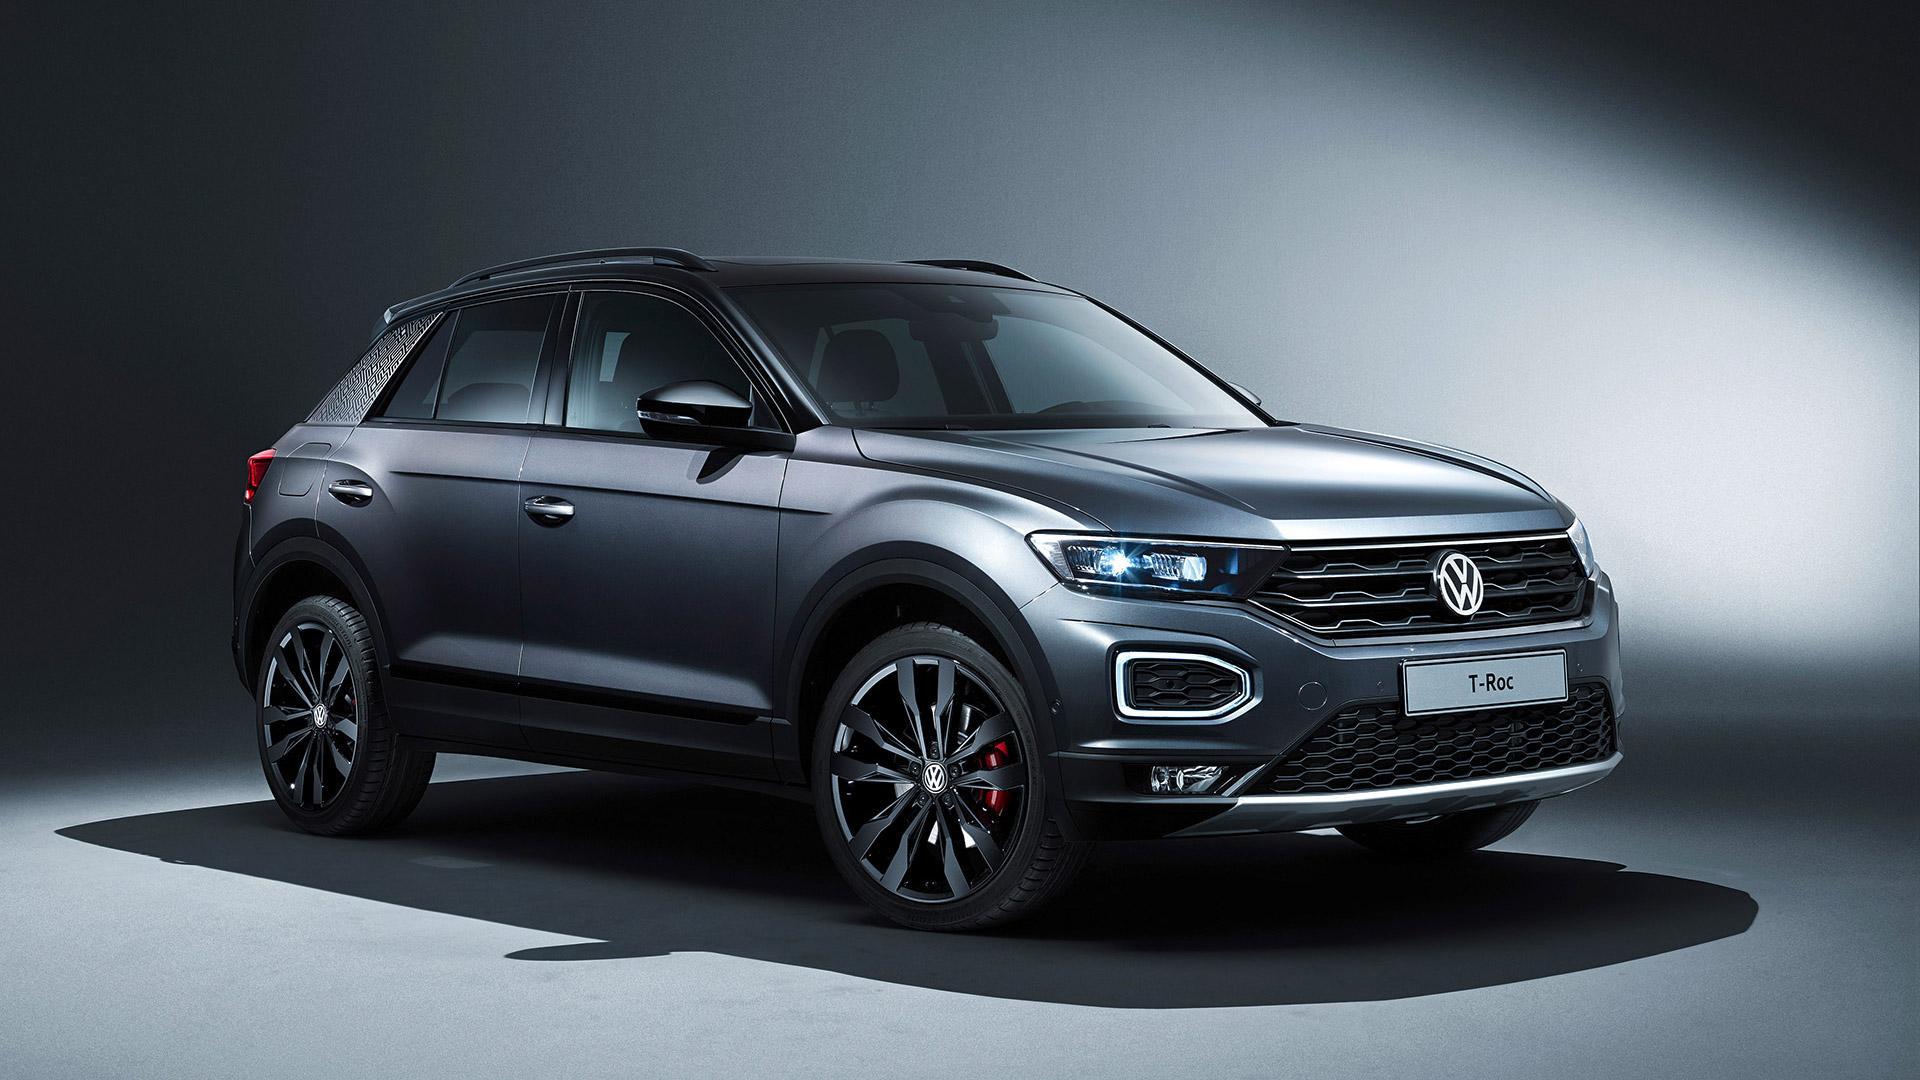 Renting particulares Volkswagen TROC